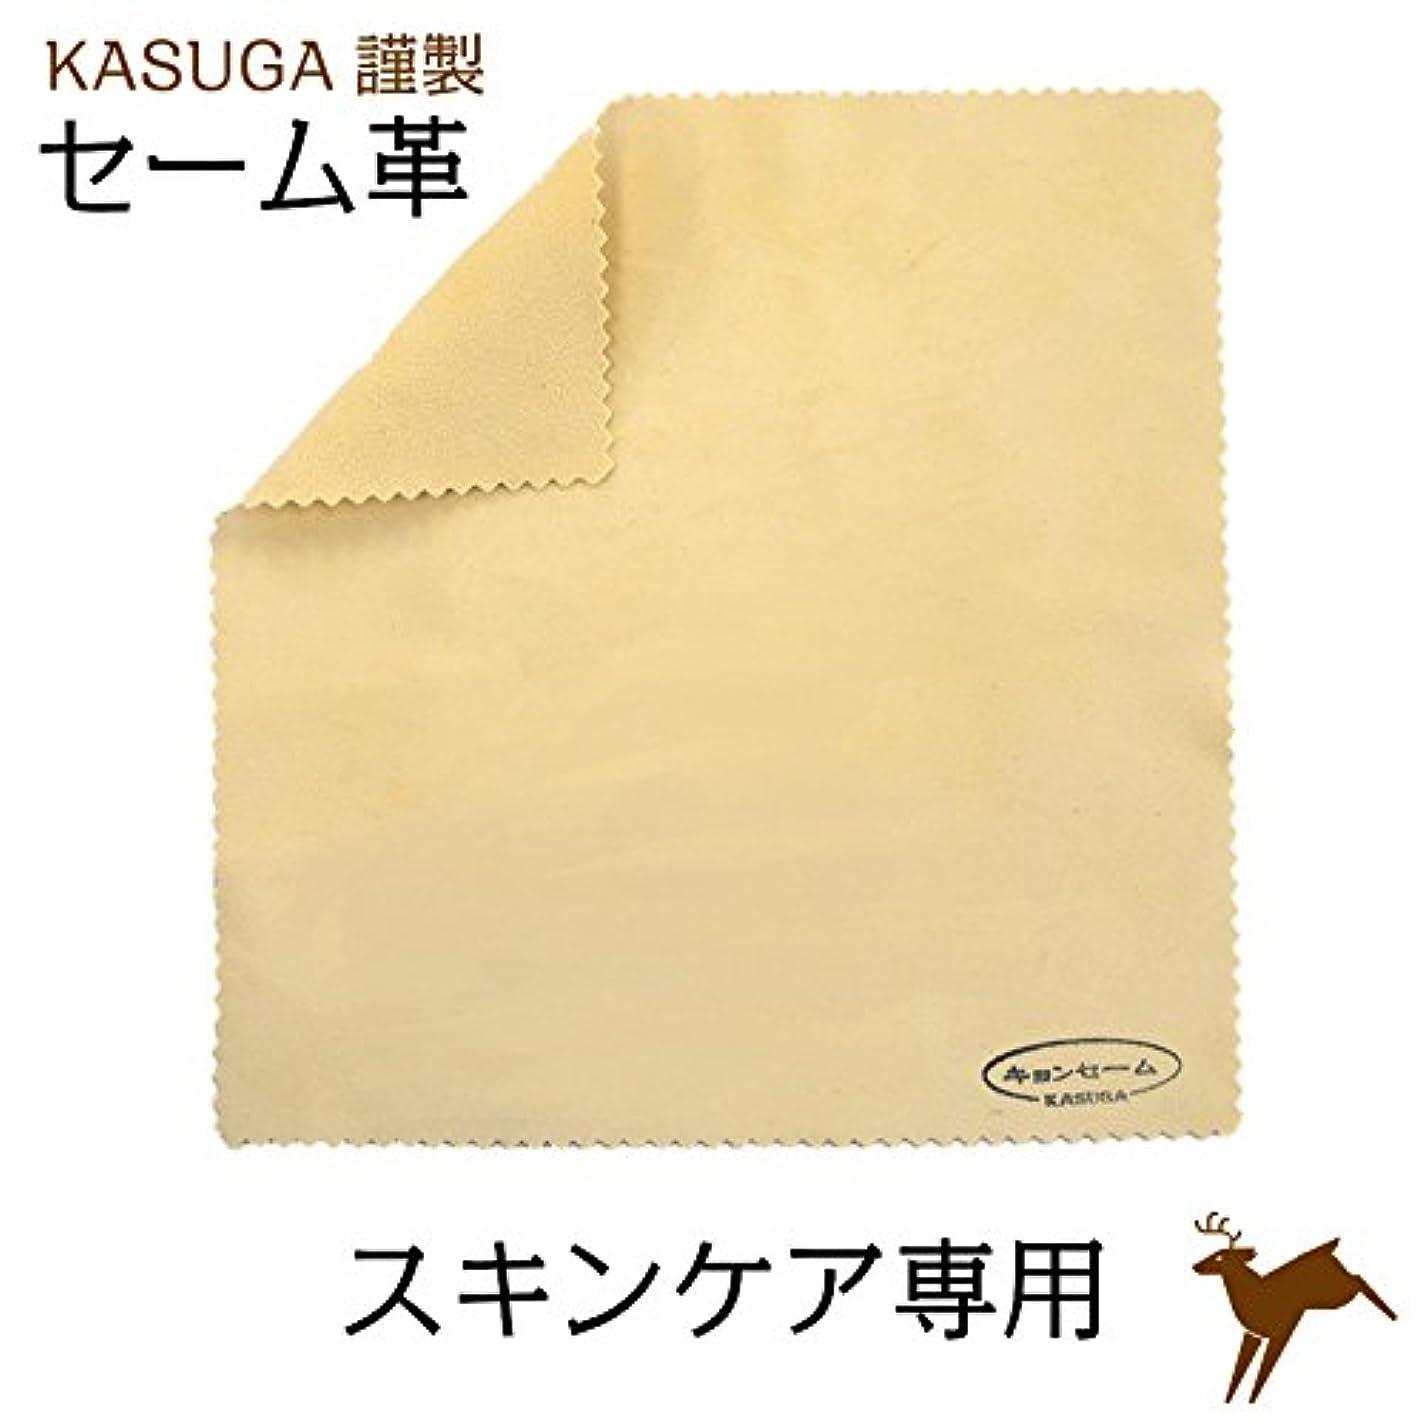 チームクッションノイズ春日カスガ謹製 スキンケア専用キョンセーム革 20cm×20cm 3???